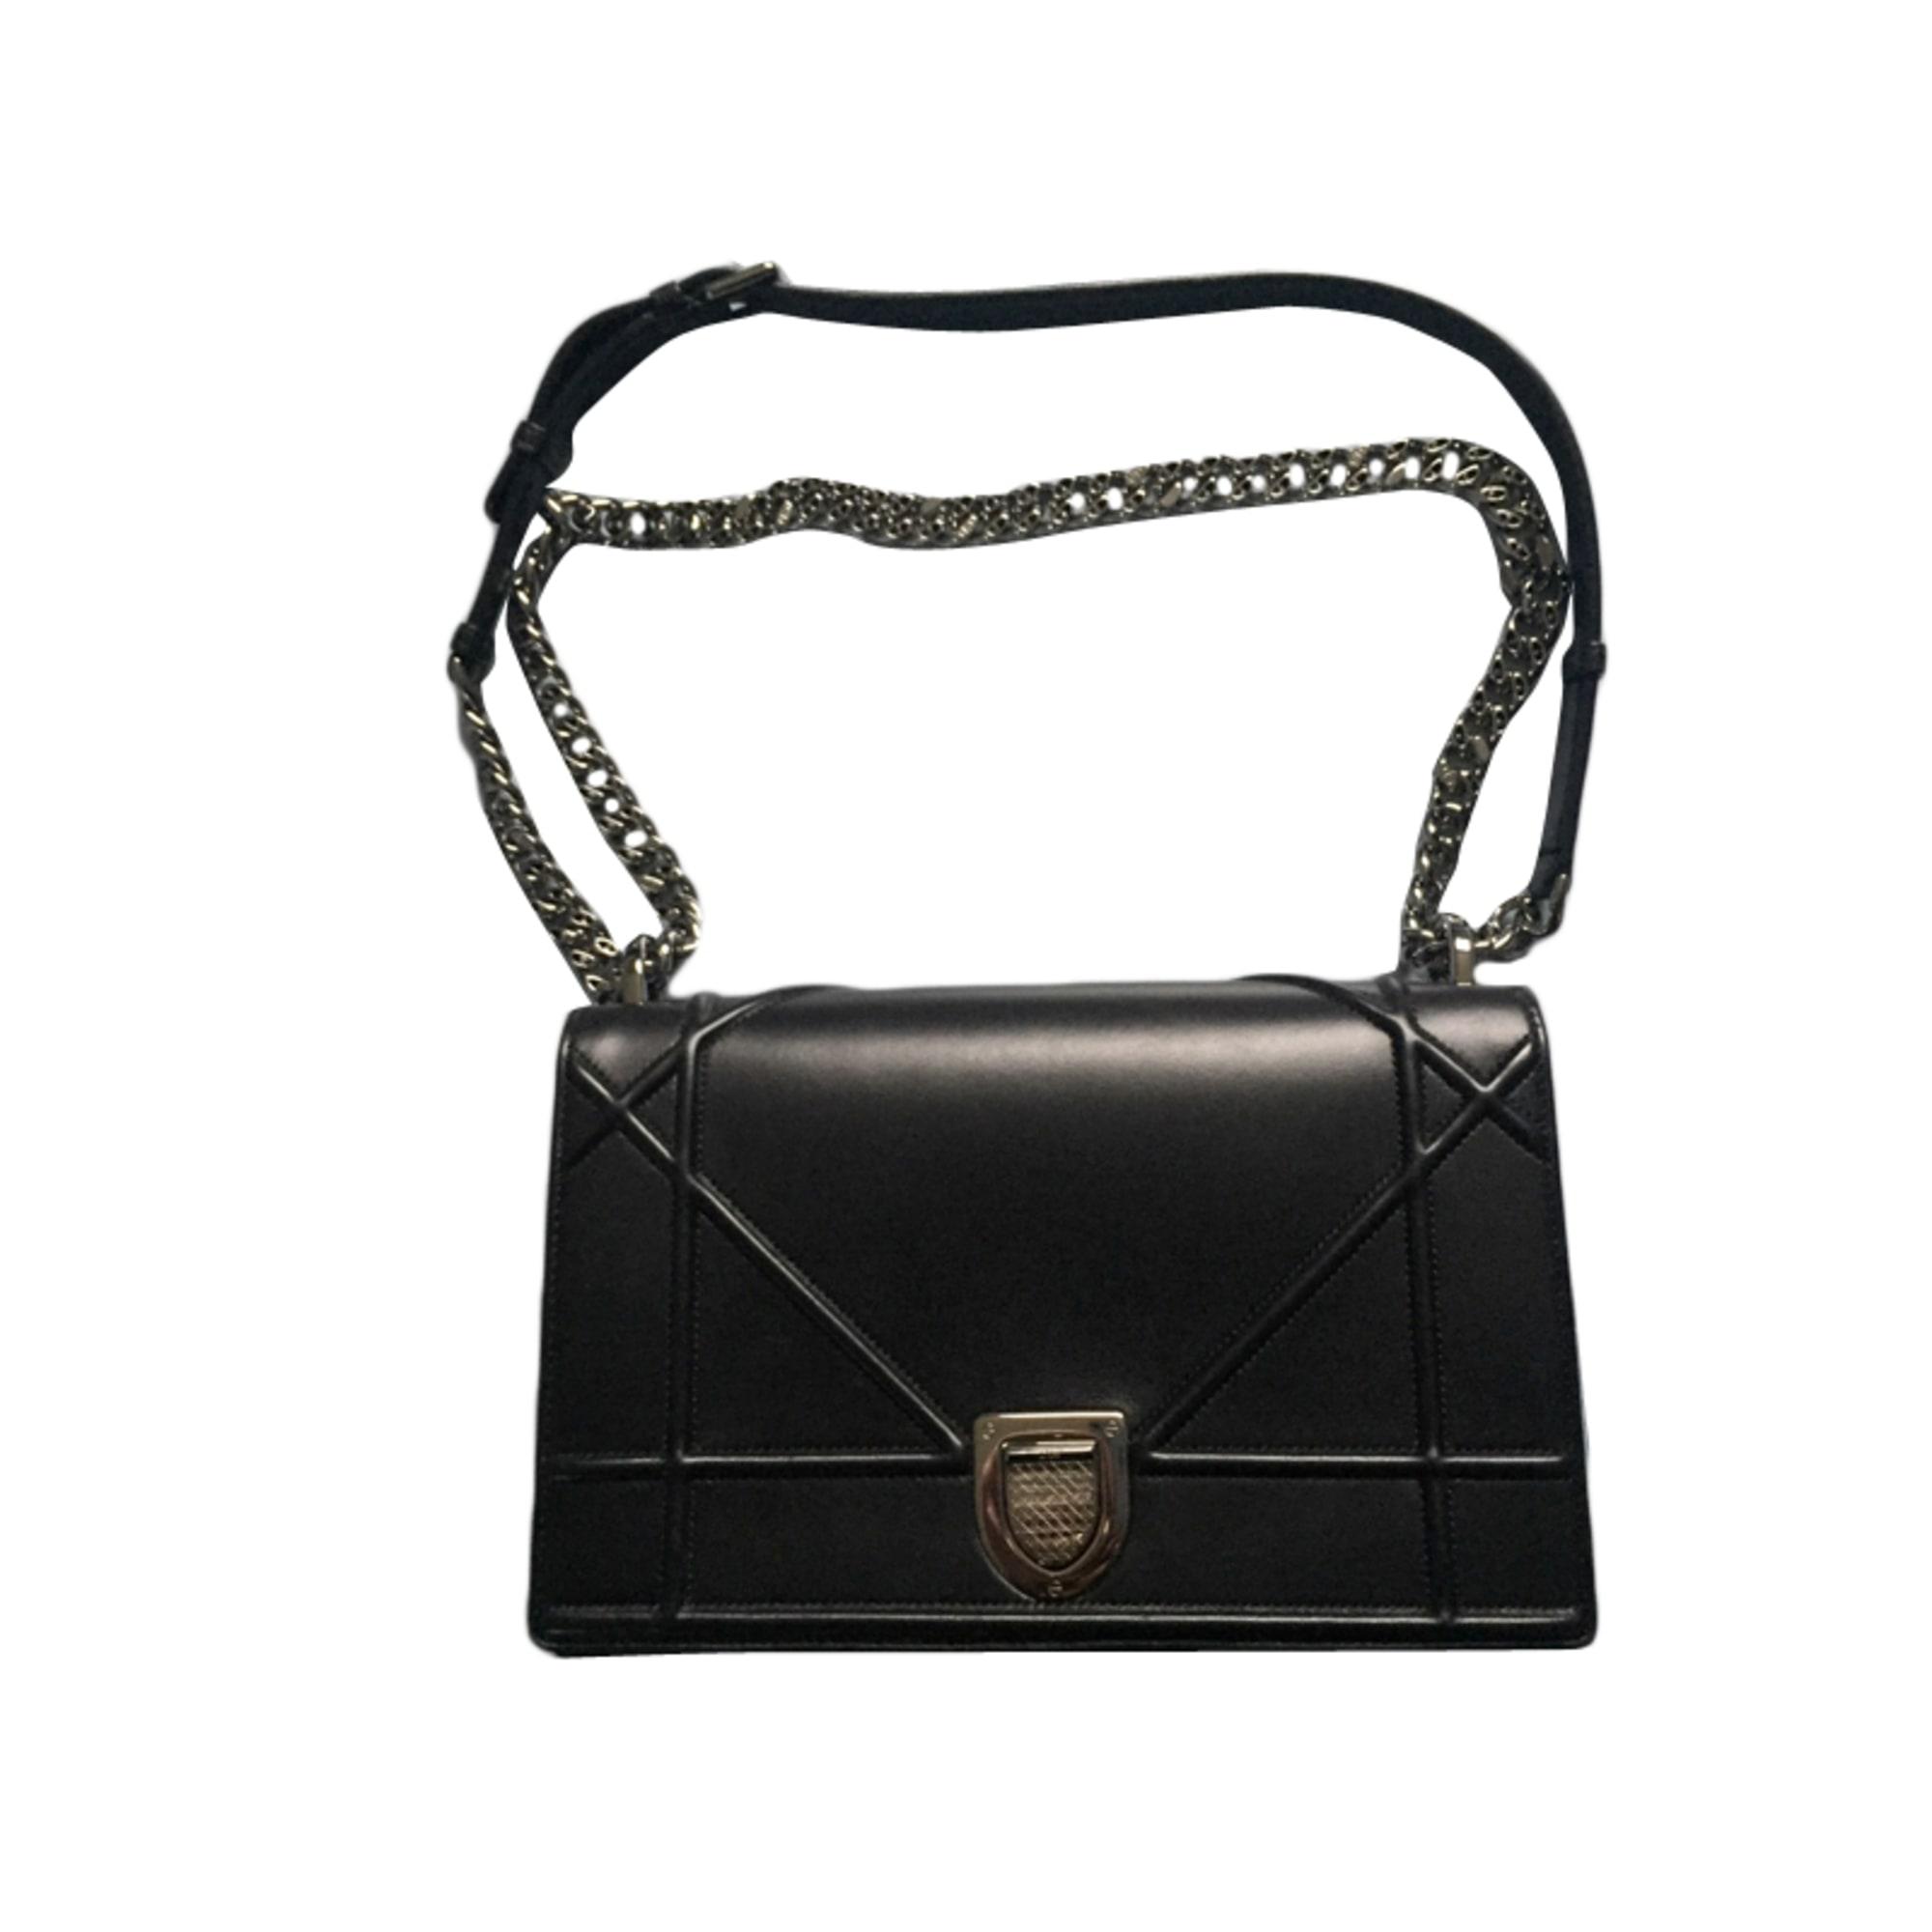 2c4c8079780b Sac à main en cuir DIOR diorama noir vendu par Karine425757 - 4083800